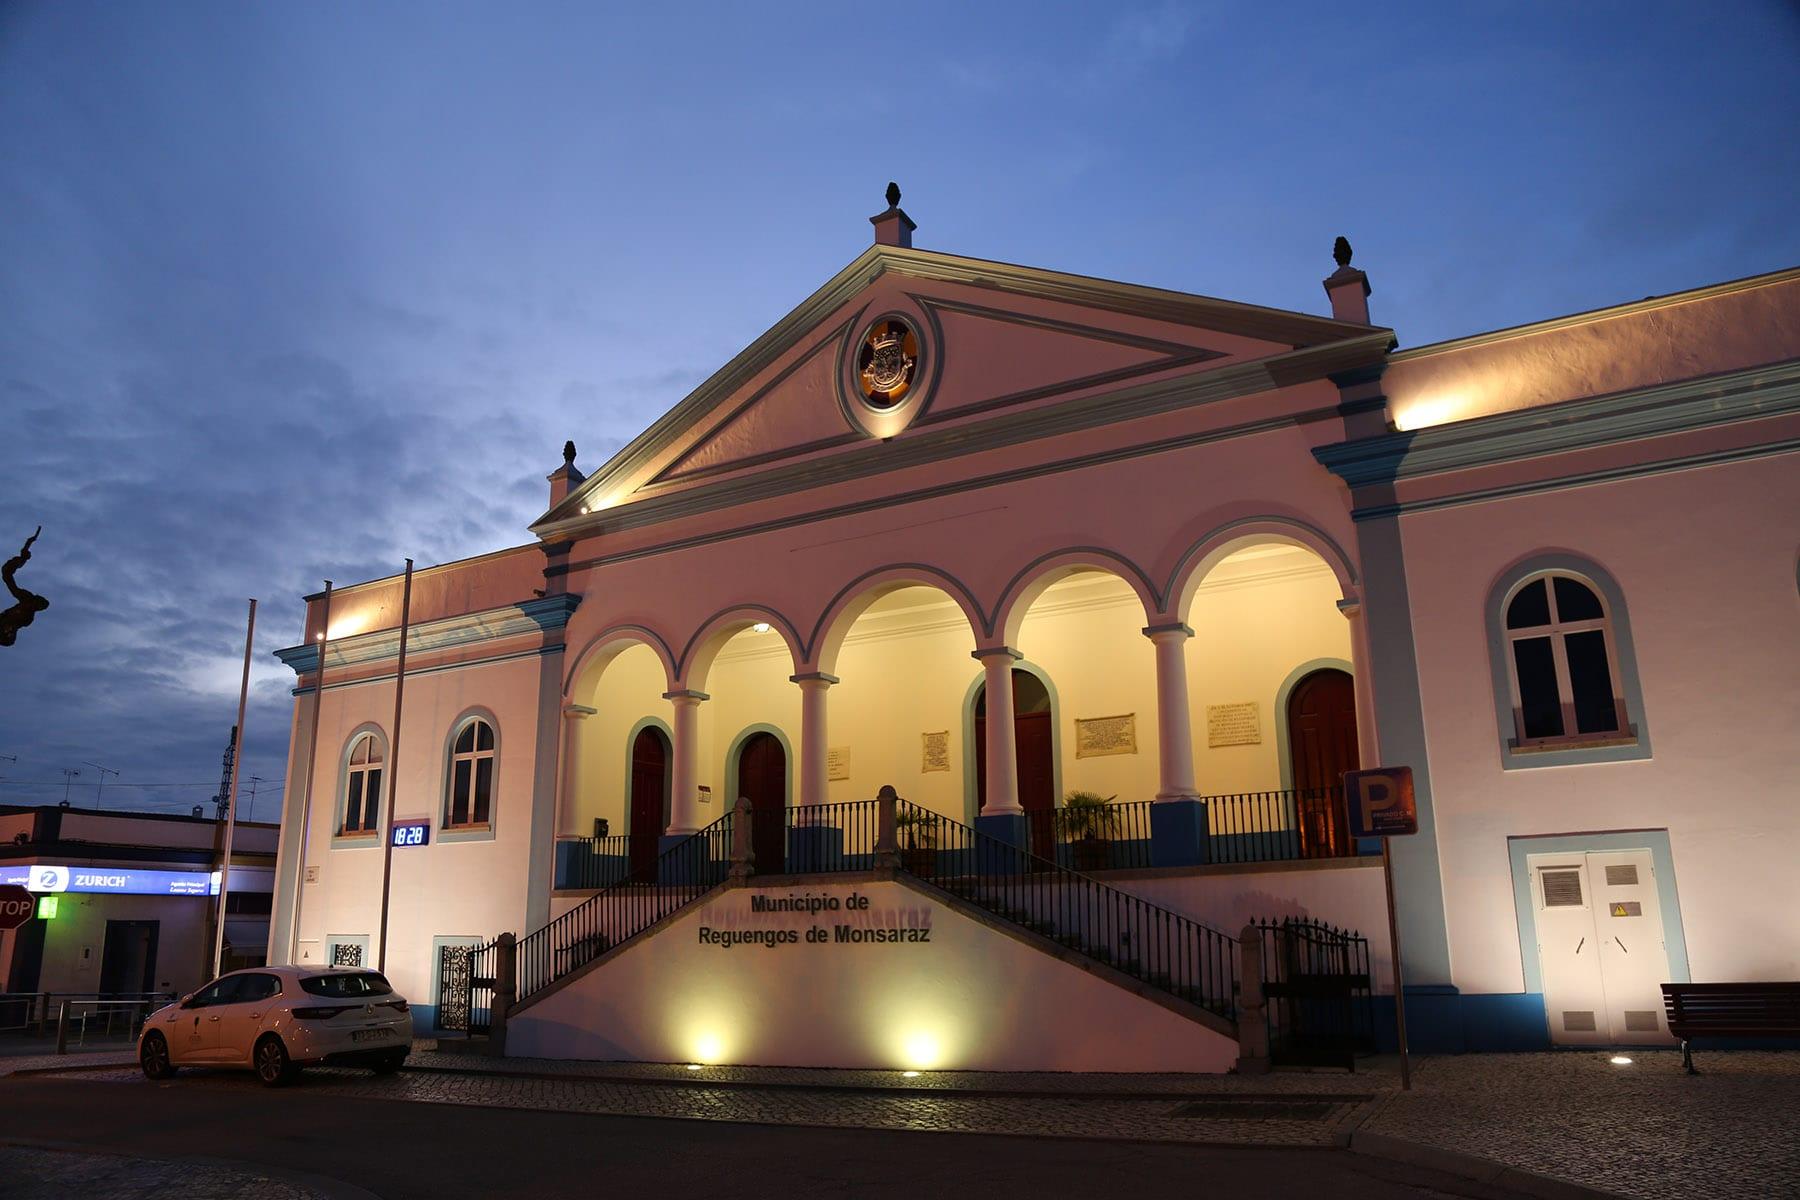 Câmara Municipal de Reguengos de Monsaraz